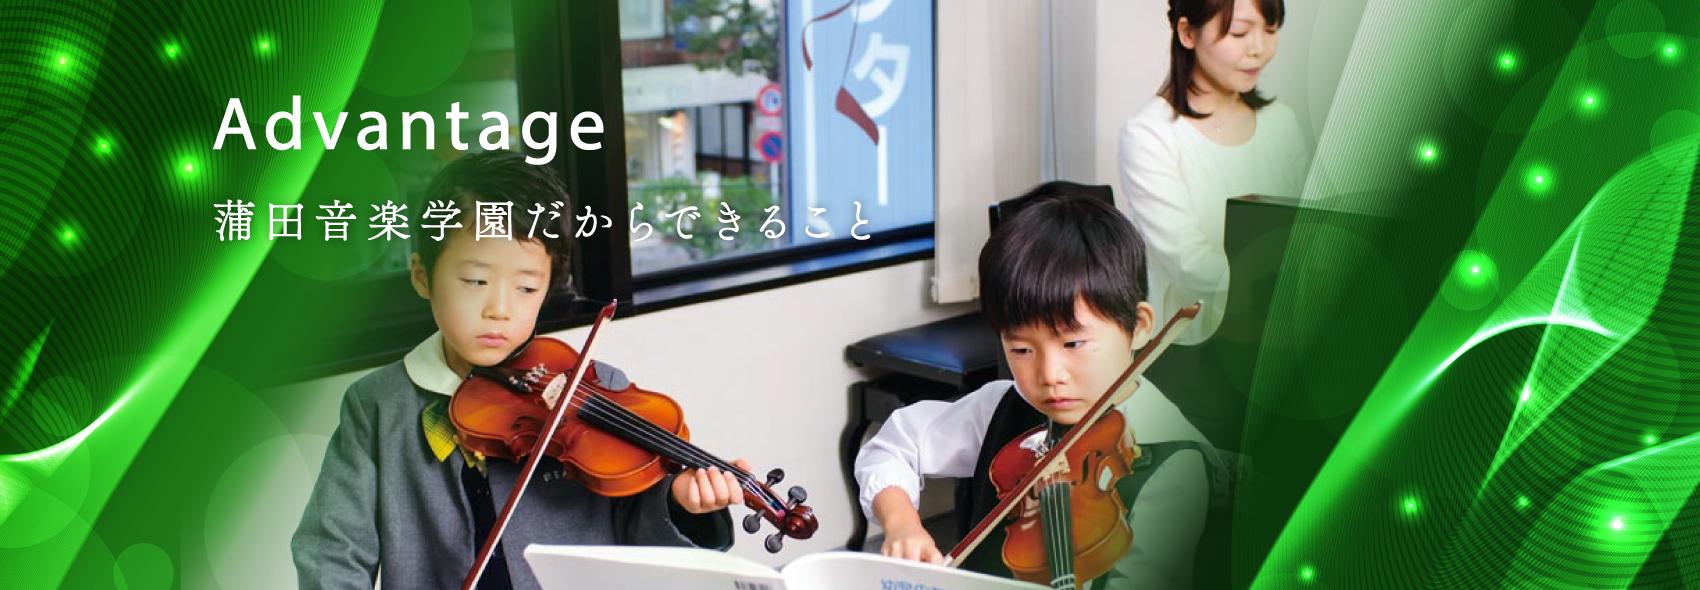 Advantage 蒲田音楽学園だからできること